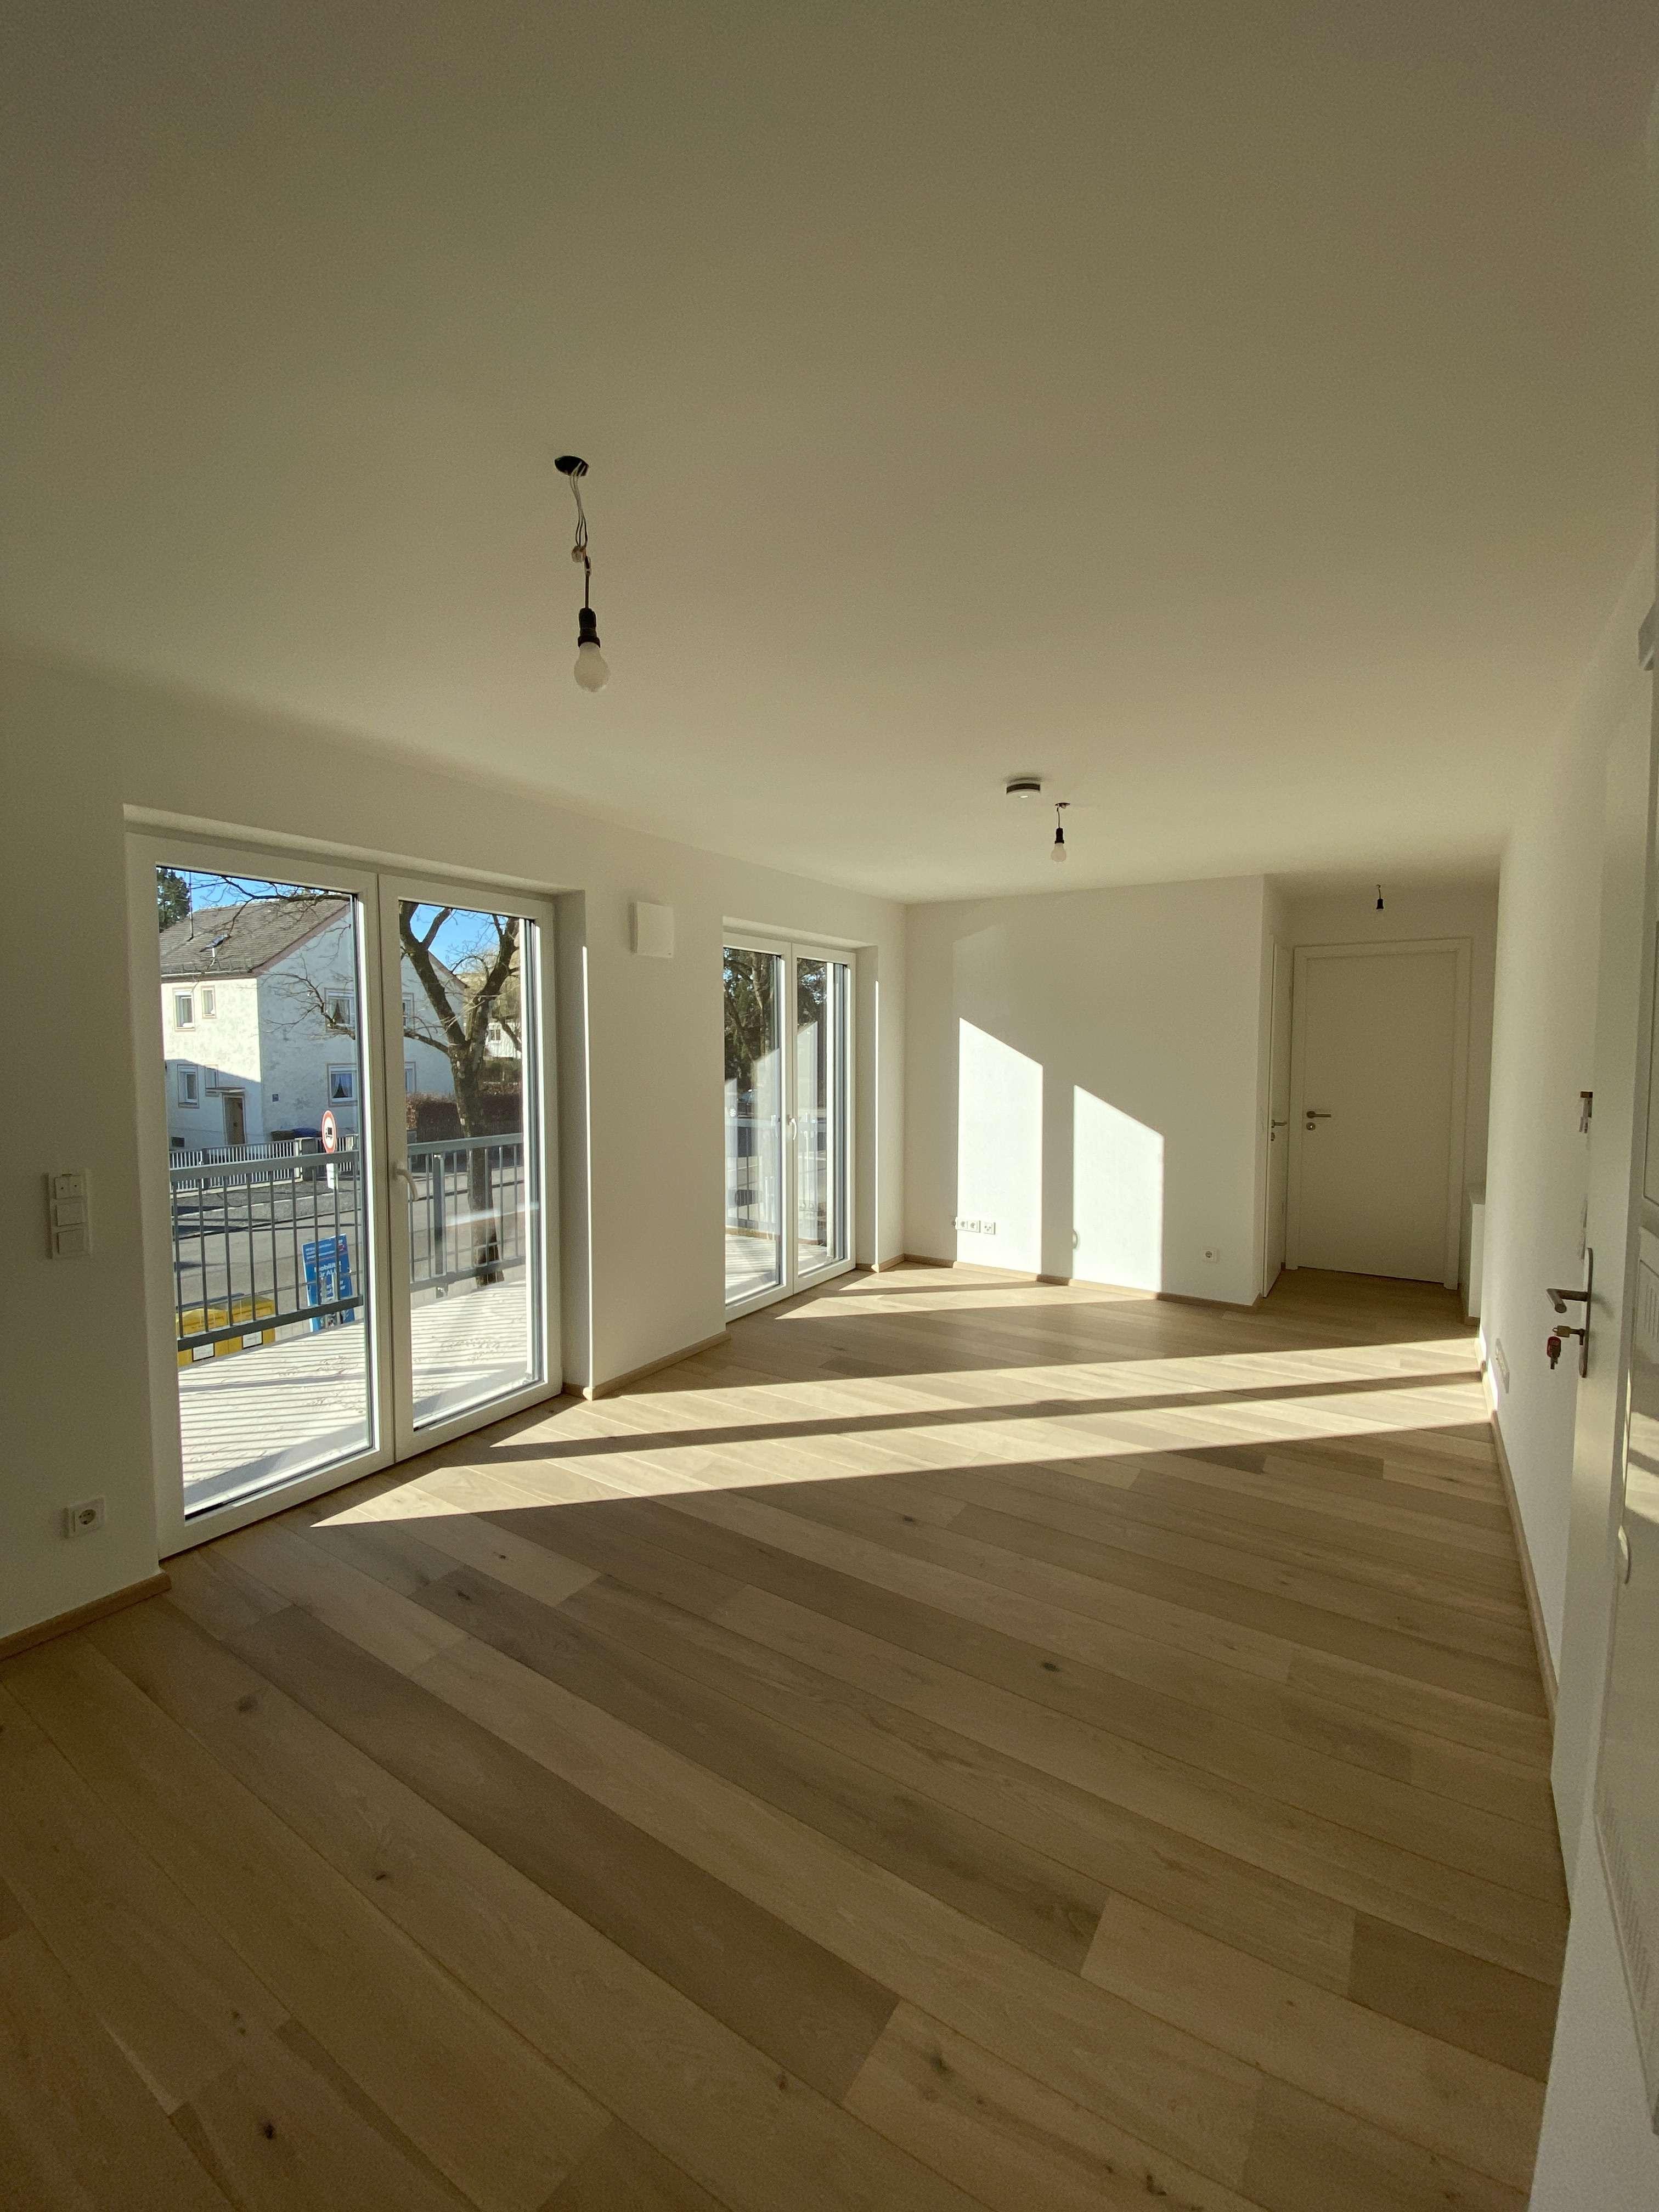 NEUBAU ERSTBEZUG * TOP Ausstattung - 2-Zimmer-Wohnung in gehobener Ausstattung in Pasing (München)